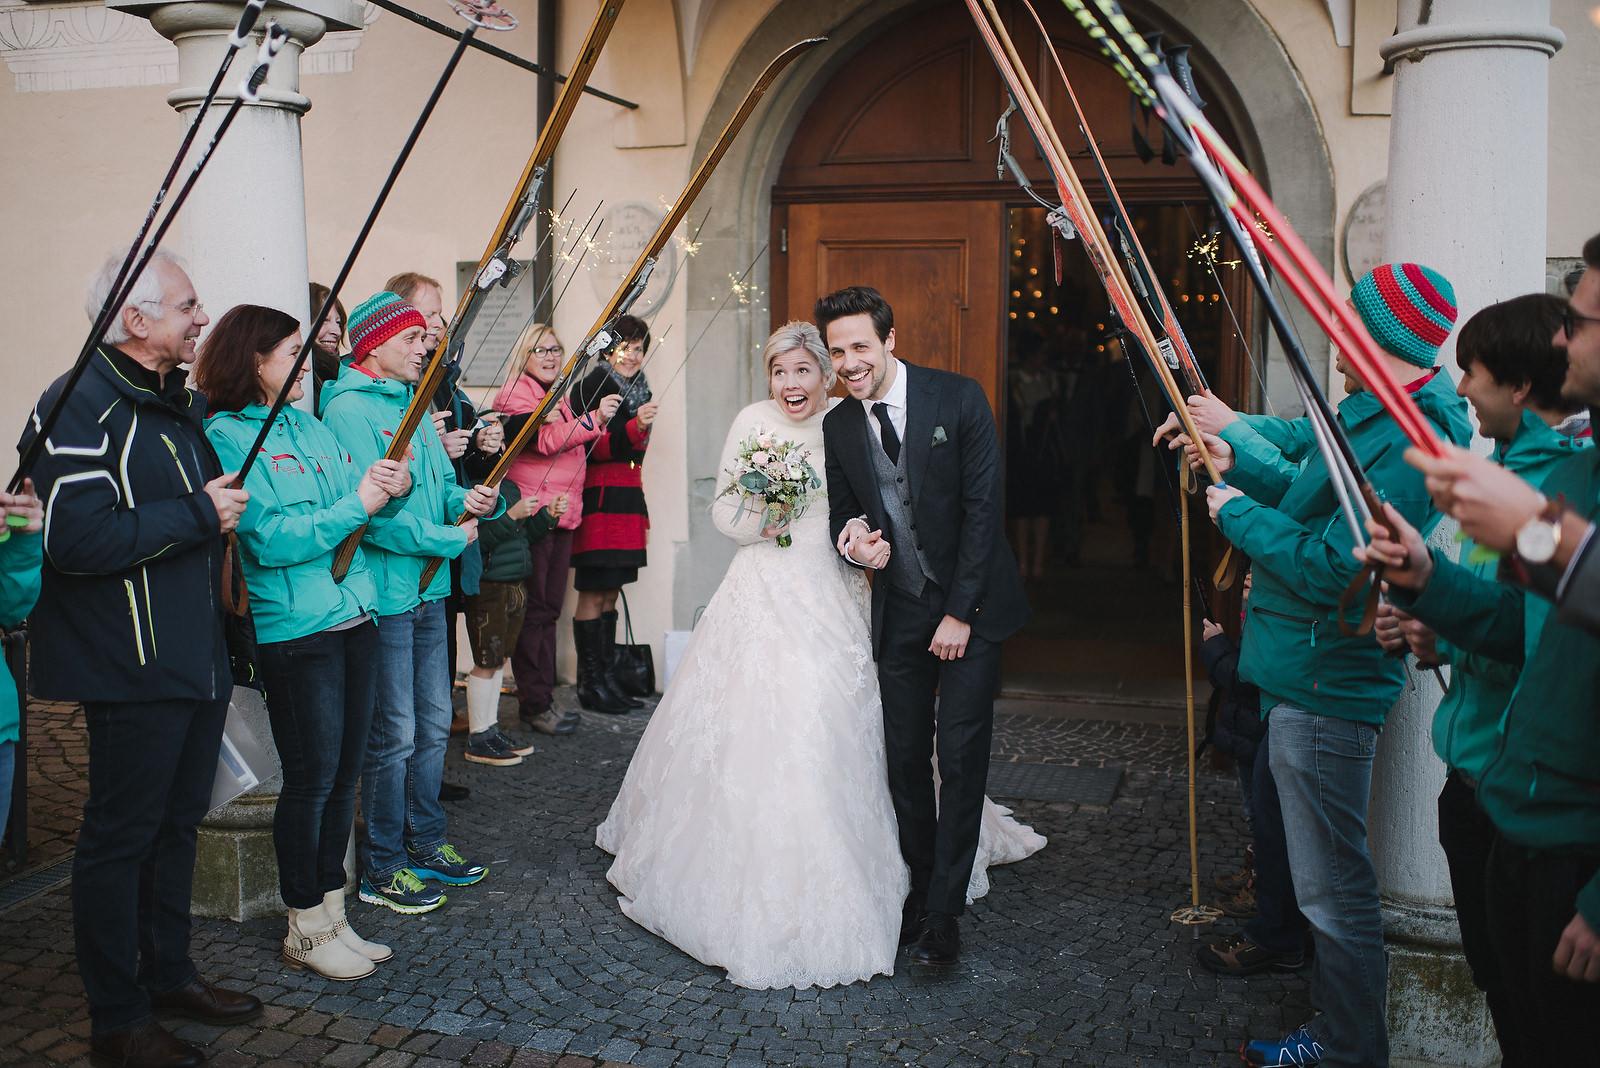 Fotograf Konstanz - Hochzeit Friedrichshafen Bodensee Hochzeitsfotograf EFP 28 - Silvester Hochzeit in Hagnau / Friedrichshafen am Bodensee  - 22 -